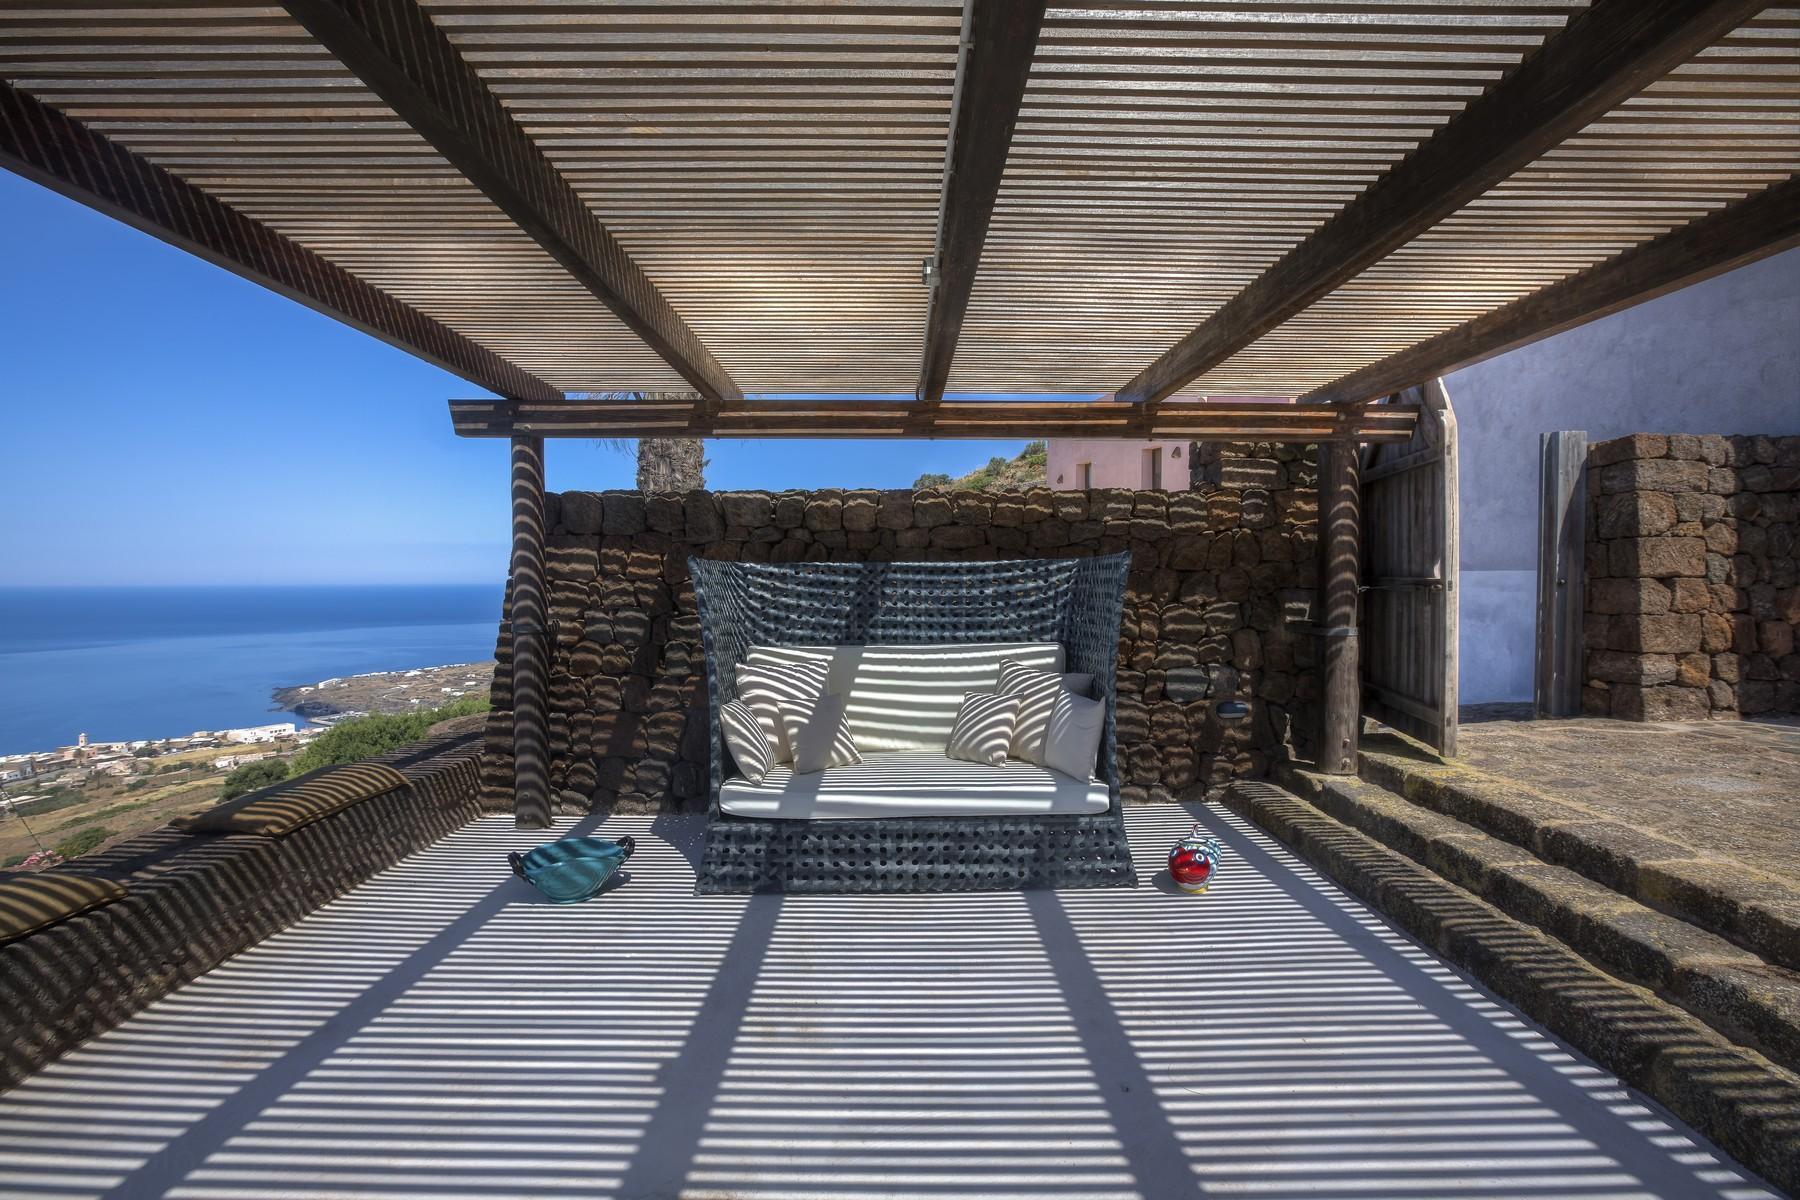 独特的Pantelleria岛上的纯净天堂 - 17